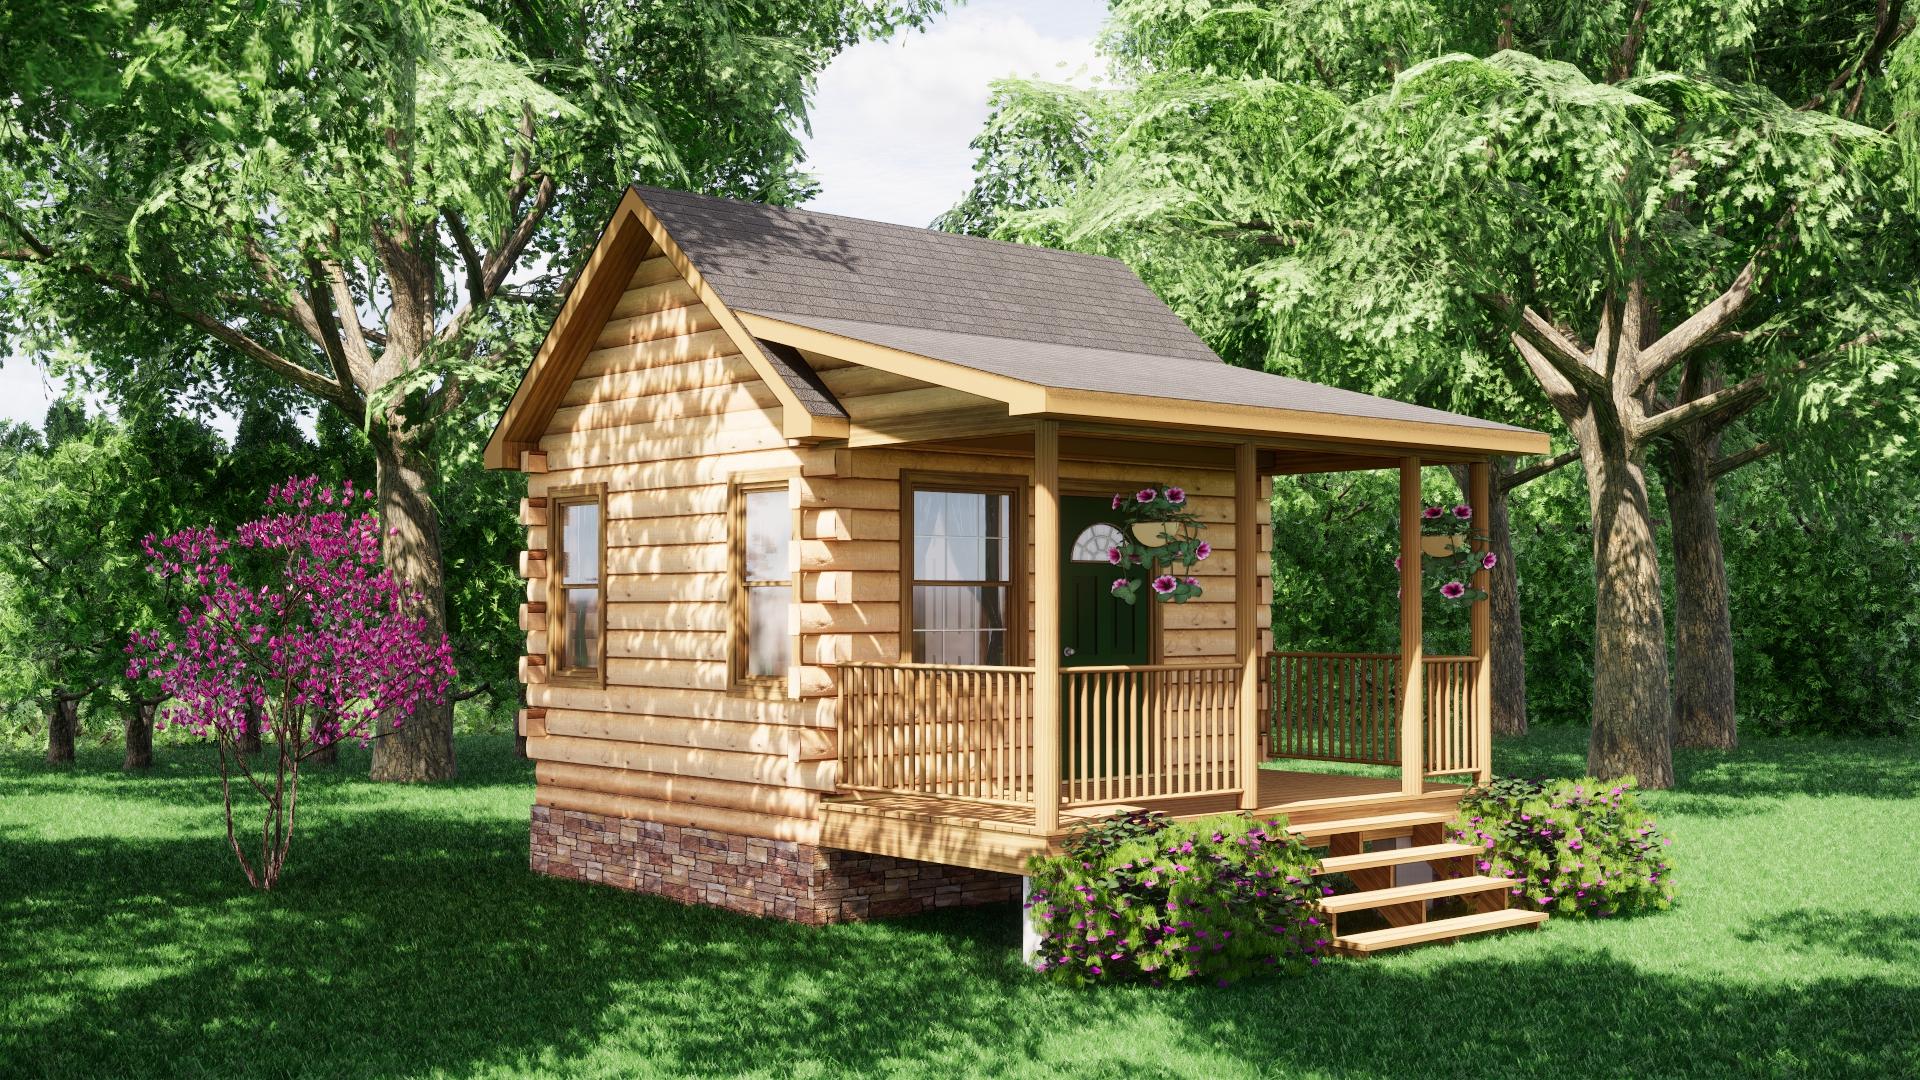 Small Log Cabins - Small Log Cabin Kits 11